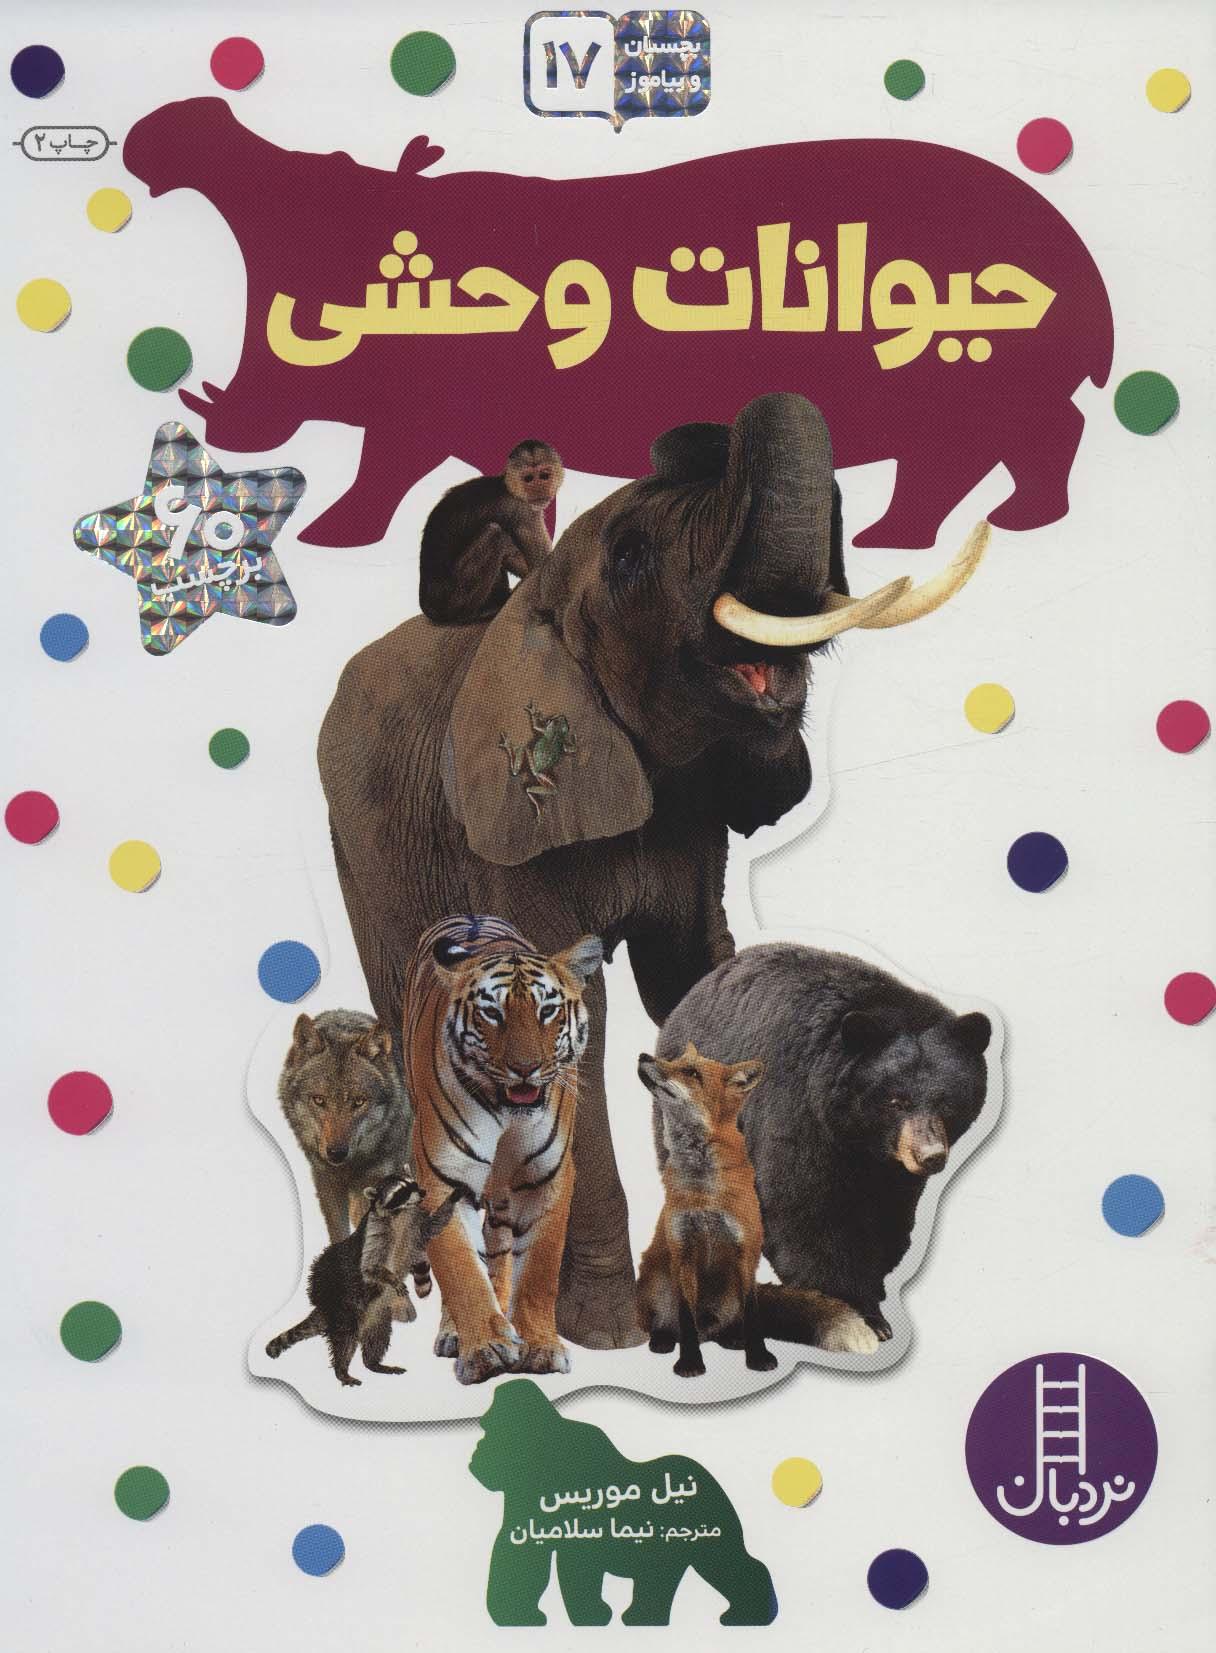 حیوانات وحشی (بچسبان و بیاموز17)،(گلاسه)